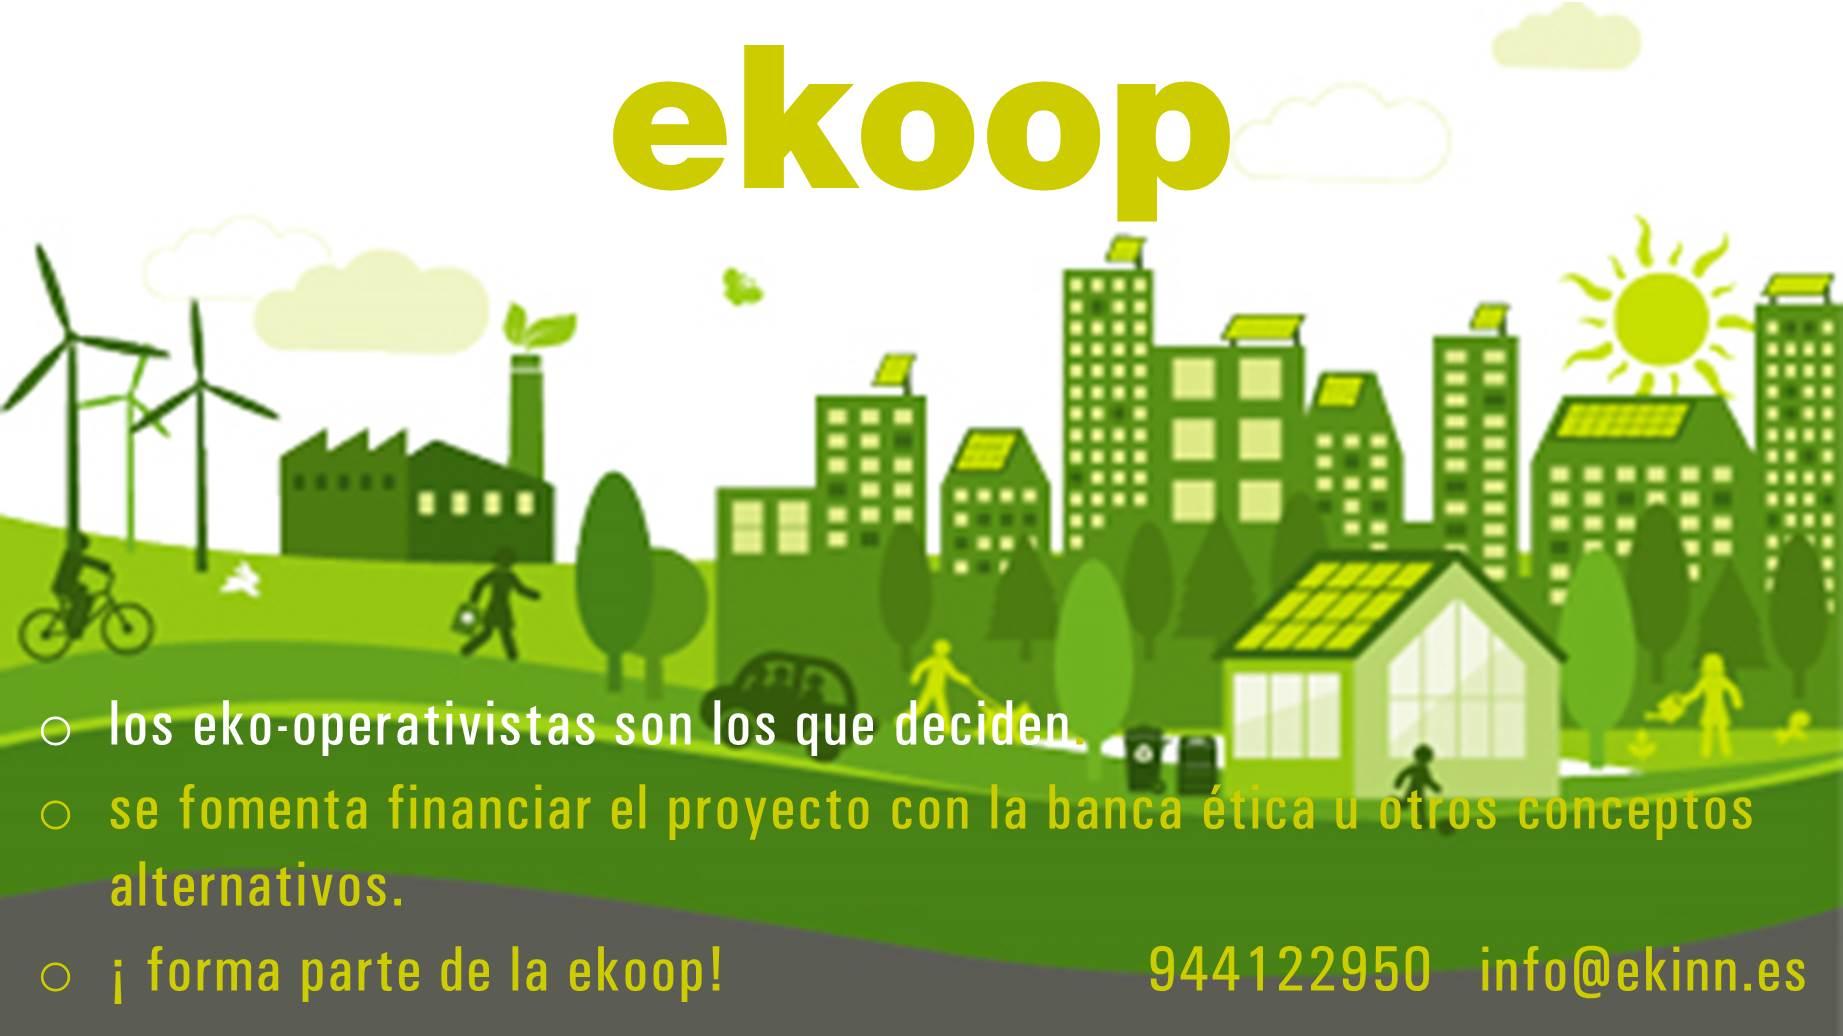 ekoop8